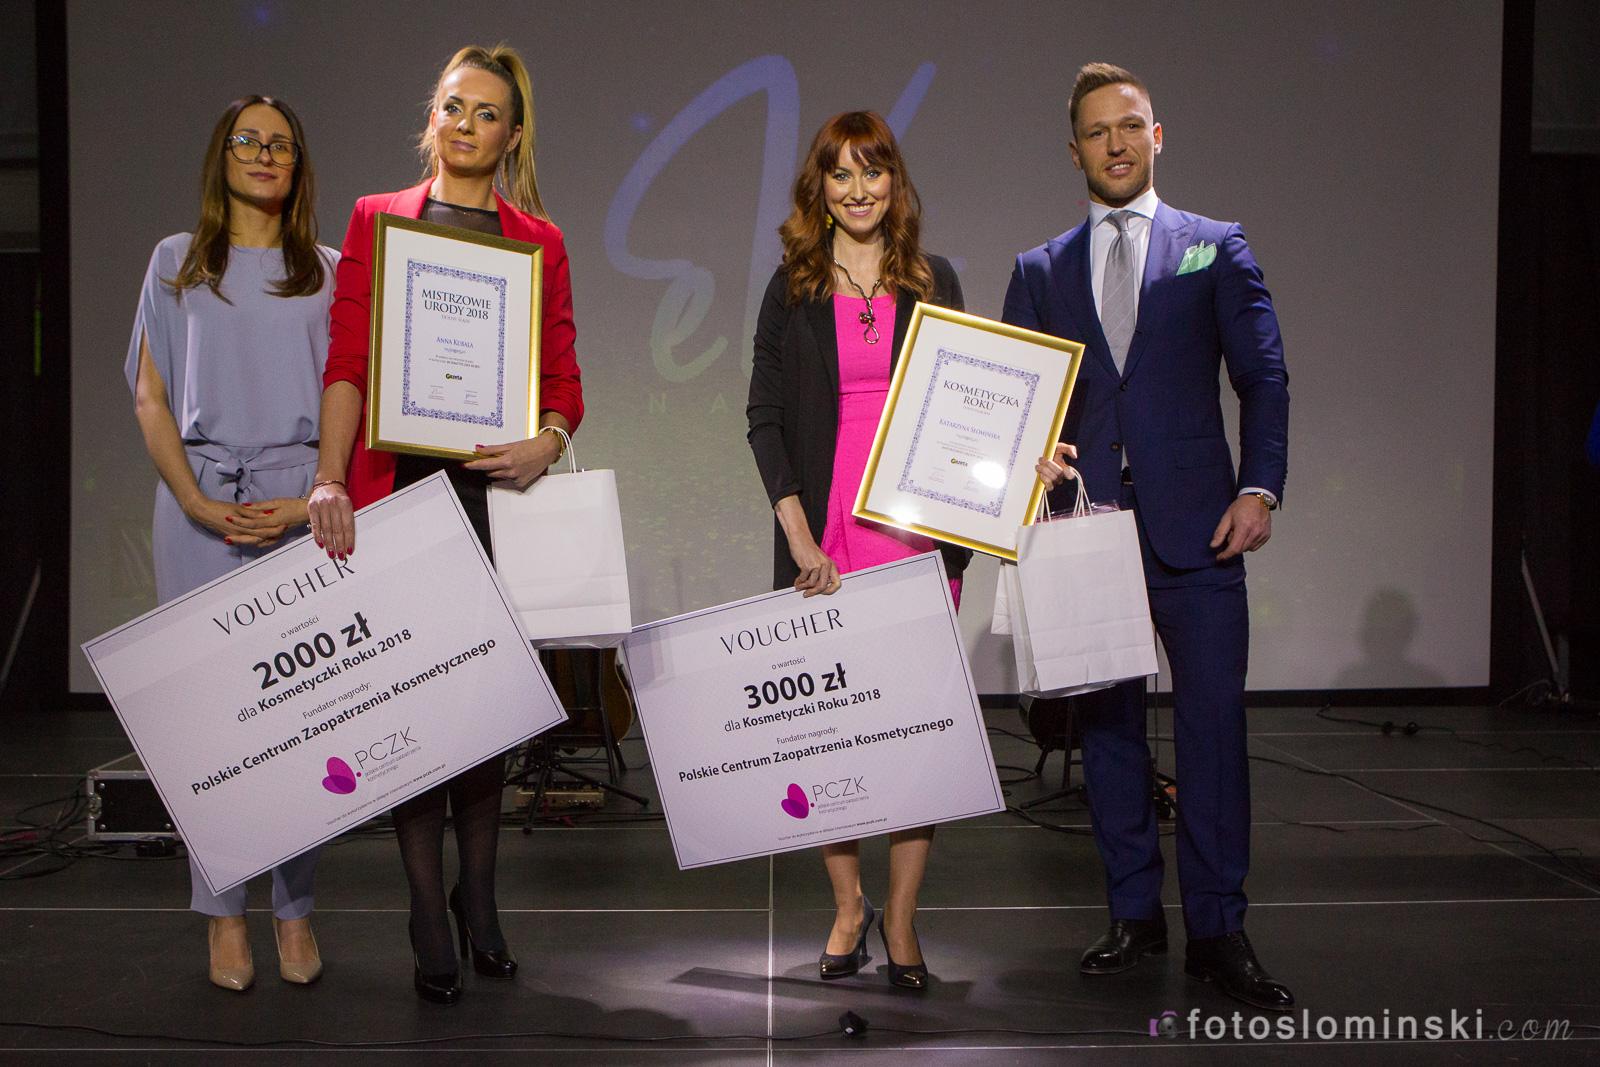 Mistrzowie urody 2018 Wrocław - Finał - Najlepsza Kosmetyczka na Dolnym Śląsku - Wrocław. Salon kosmetyczny Wrocław. Salon kosmetyczny.